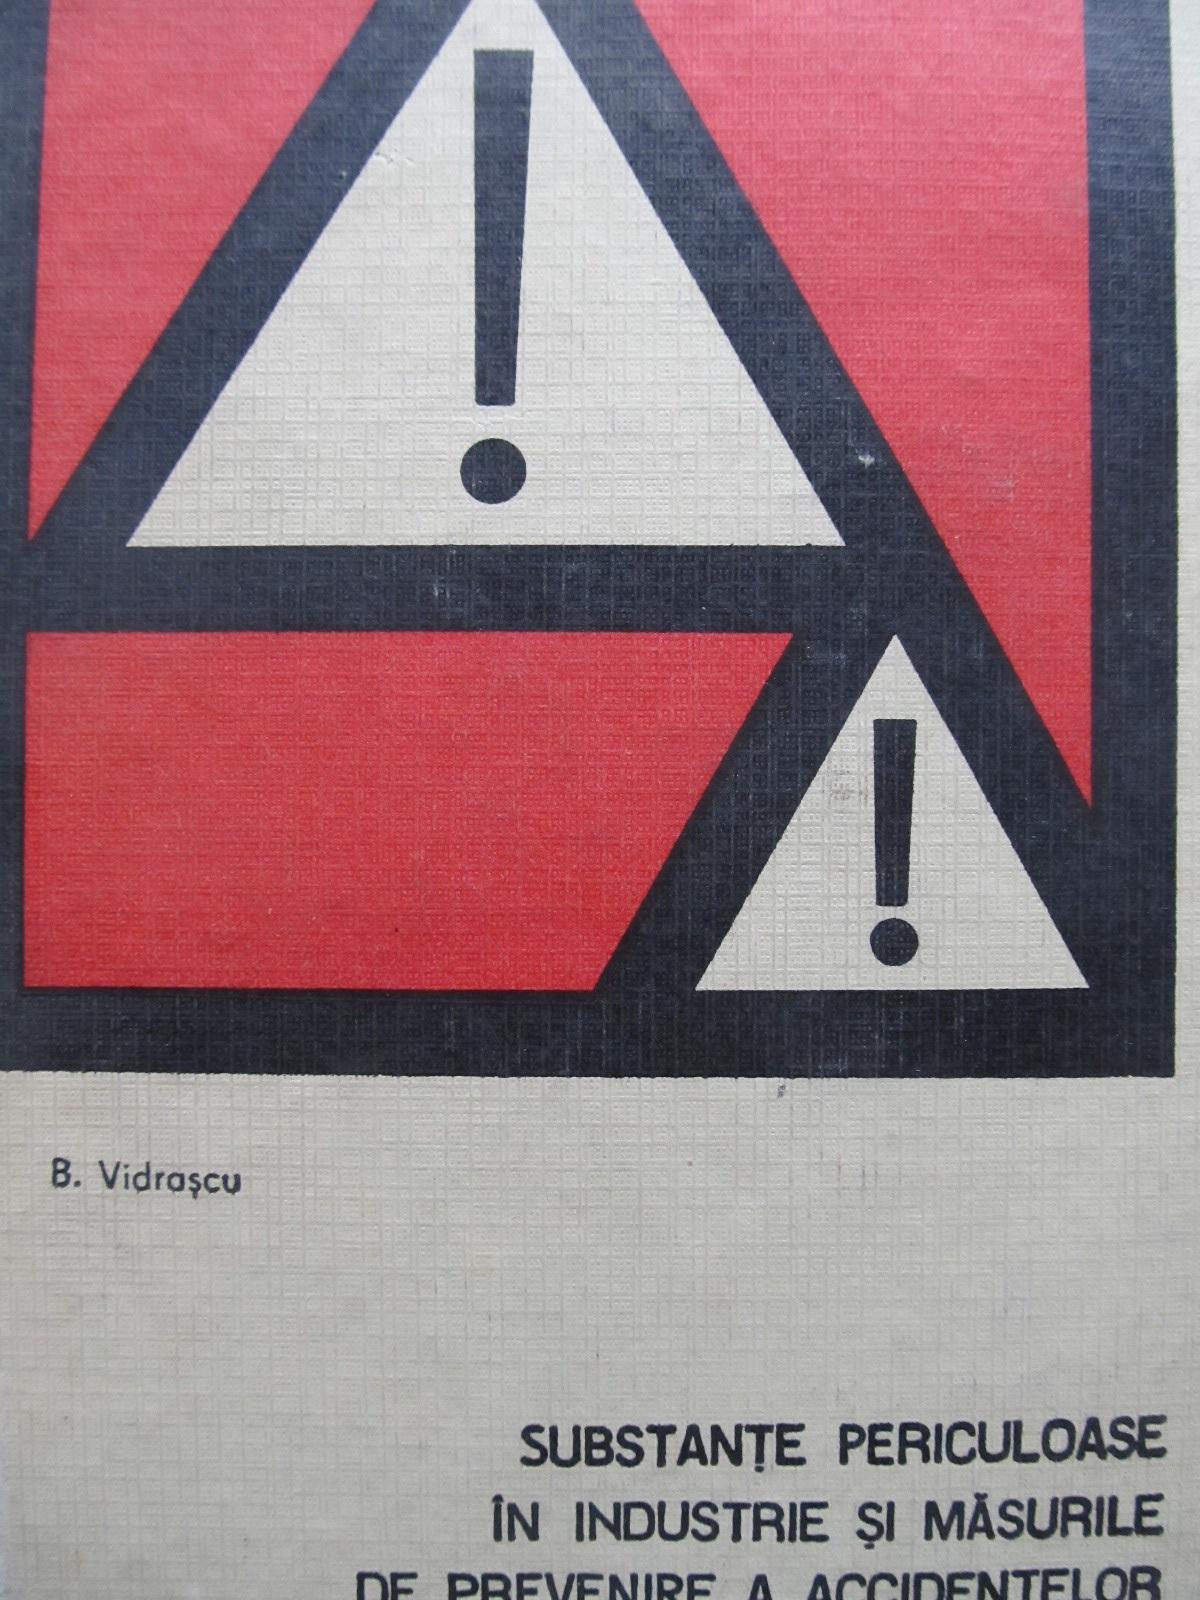 Carte Substante periculoase in industrie si masurile de prevenire a accidentelor - B. Vidrascu